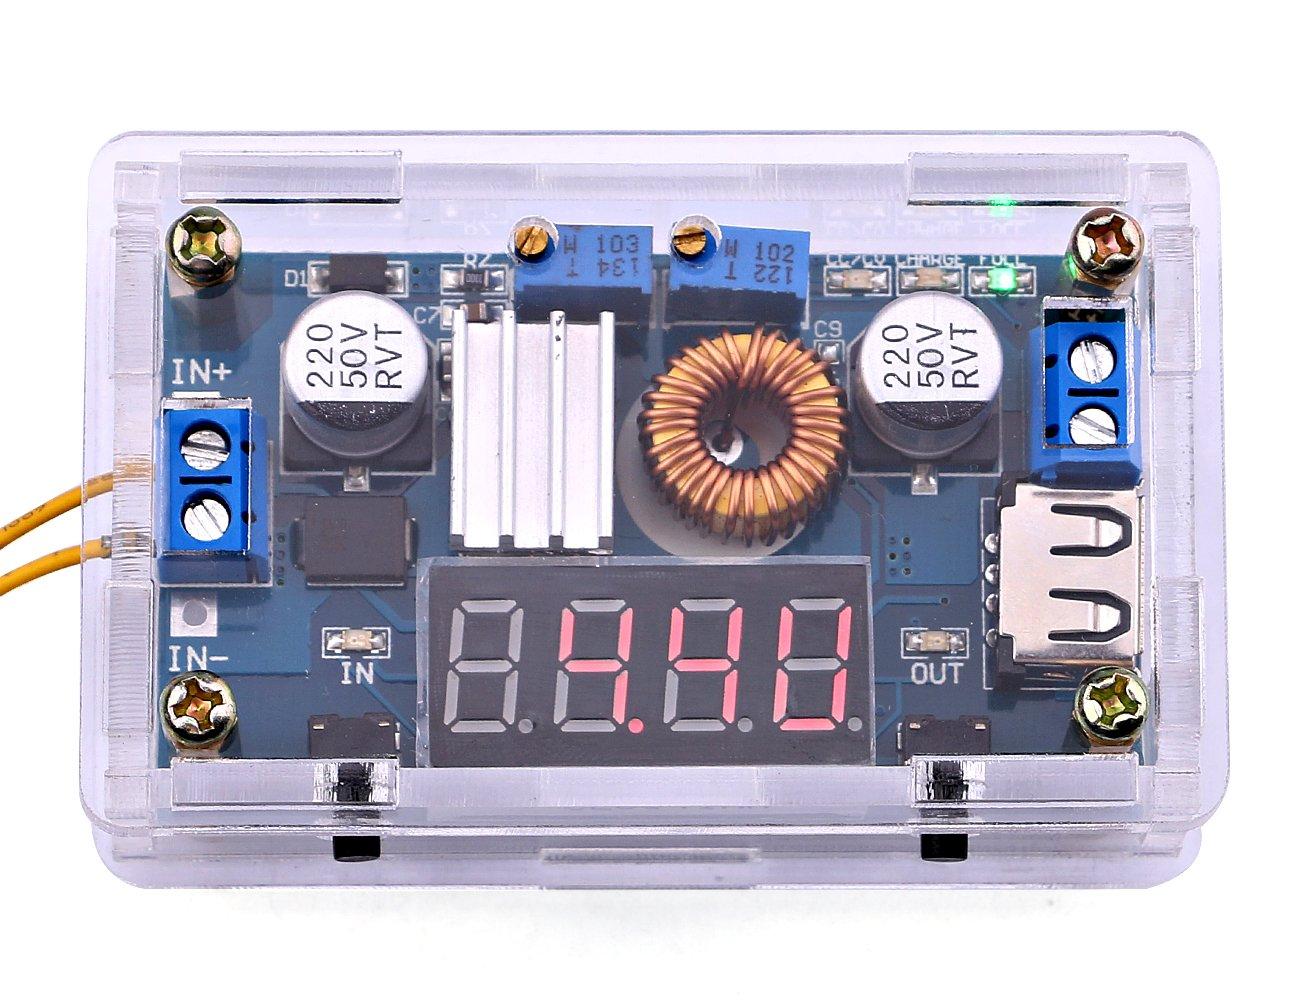 Yeeco Reguladores DC fuente de alimentación DC Buck convertidor de energía constante vatios y voltios amperios-transformador ajustable 5-36V a 1.25-32V bajada 5A 75W LED llevó el conductor voltímetro de salida de corriente de pa